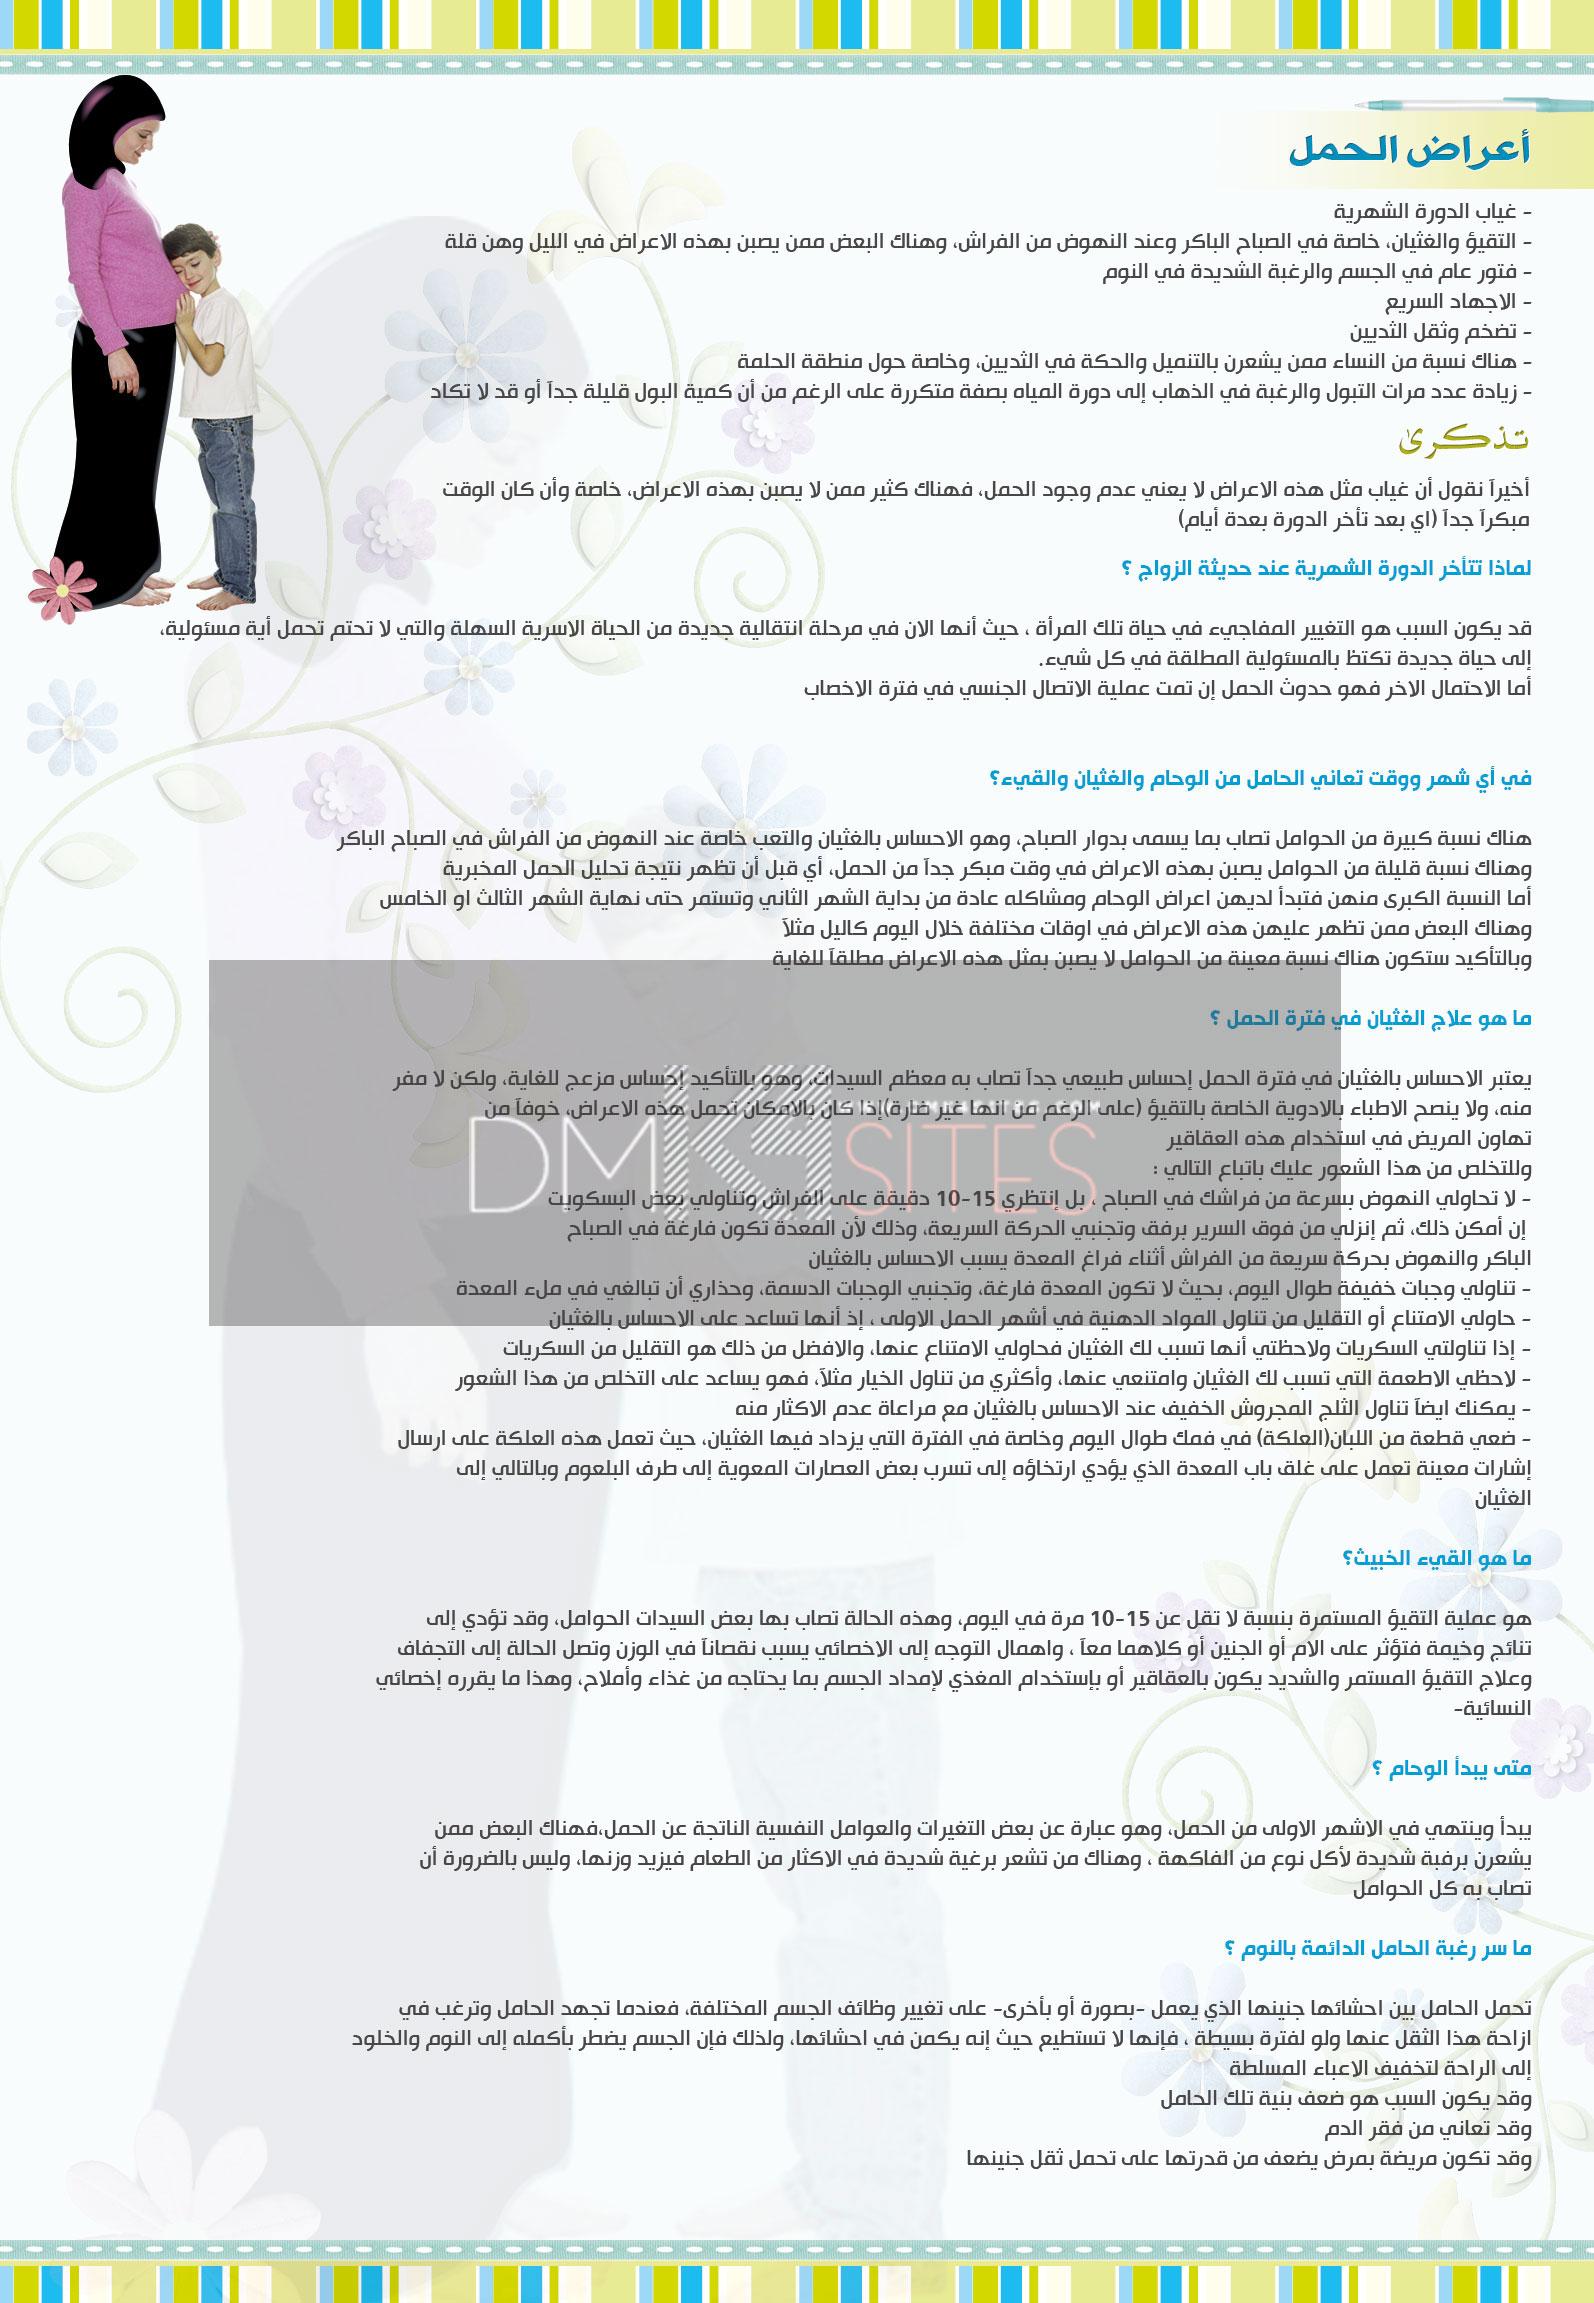 تصميم مجلة الحوامل 1